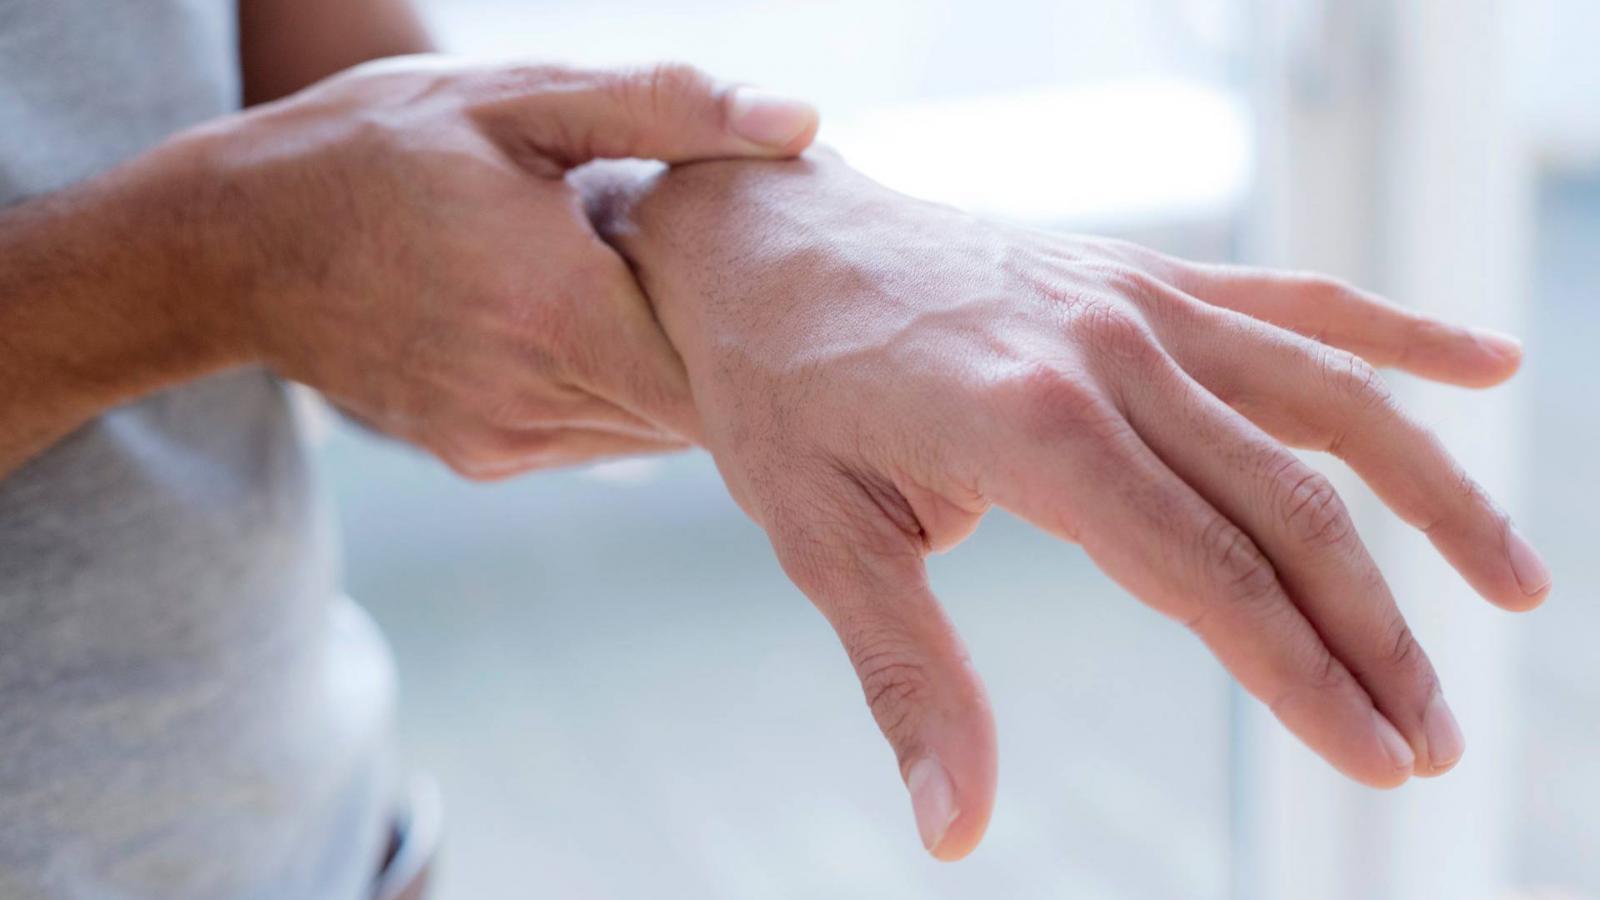 ízületi fájdalom a kéz emelésekor közös kenőcs német